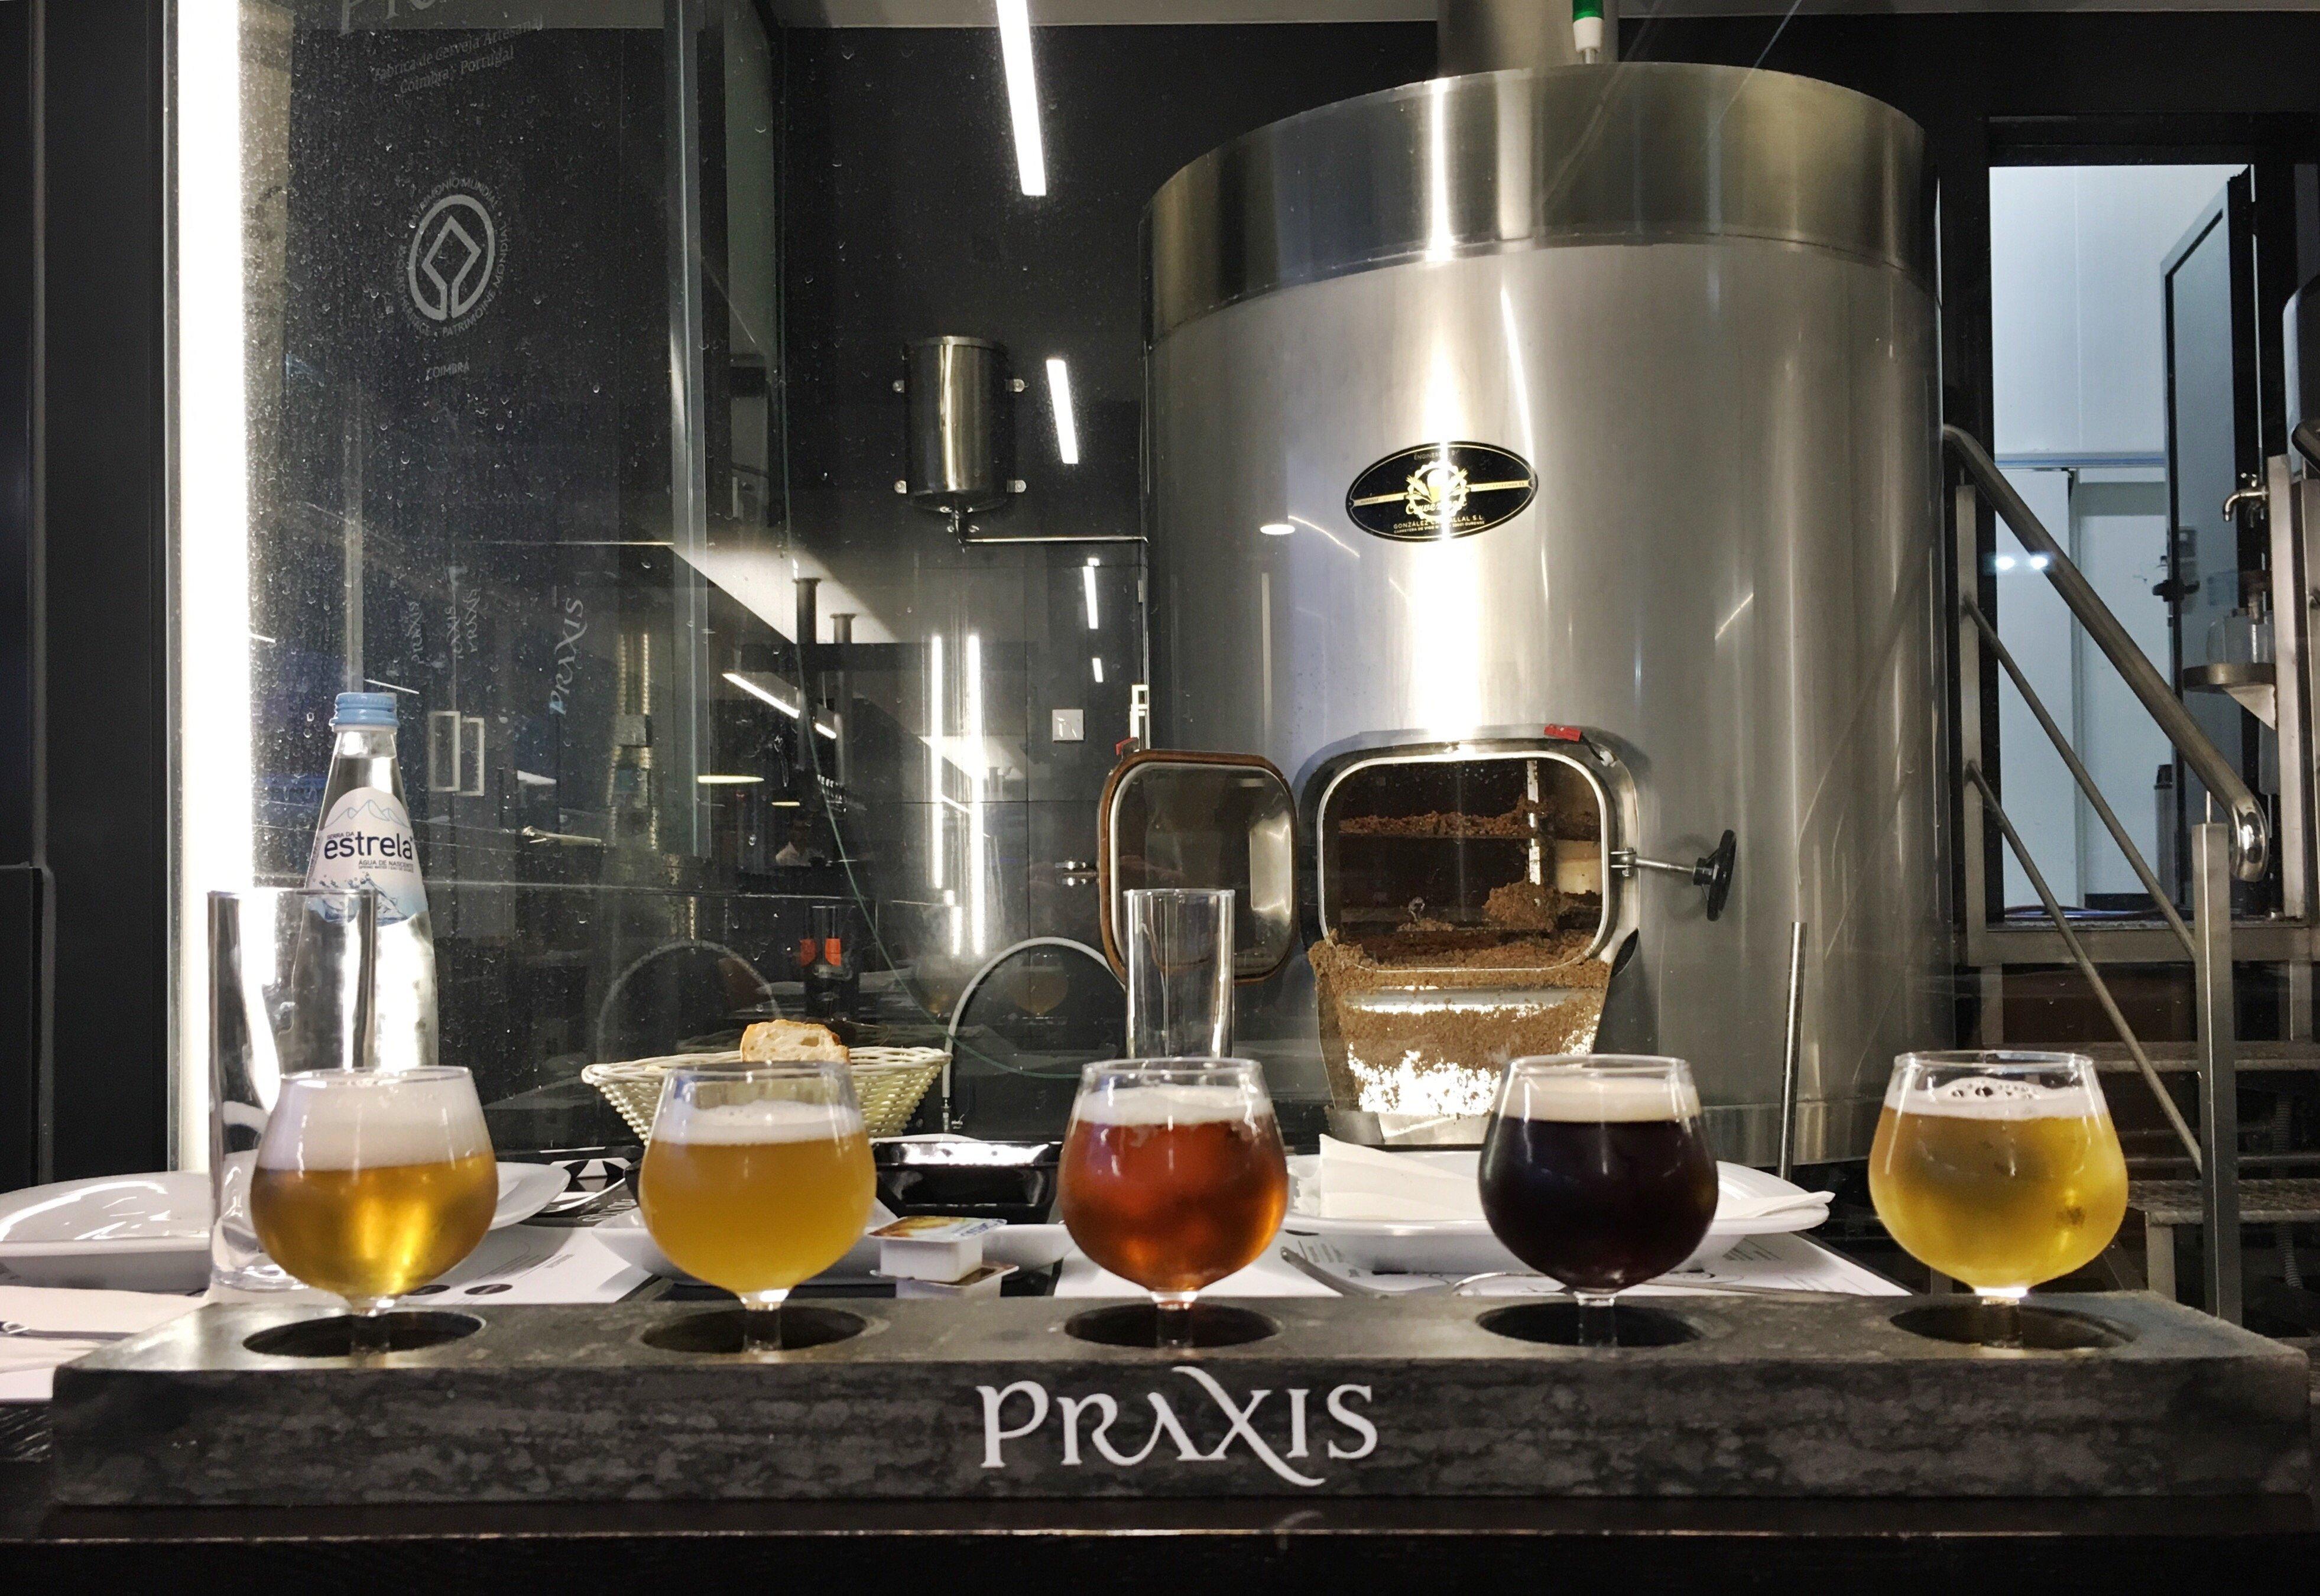 Praxis beer samples